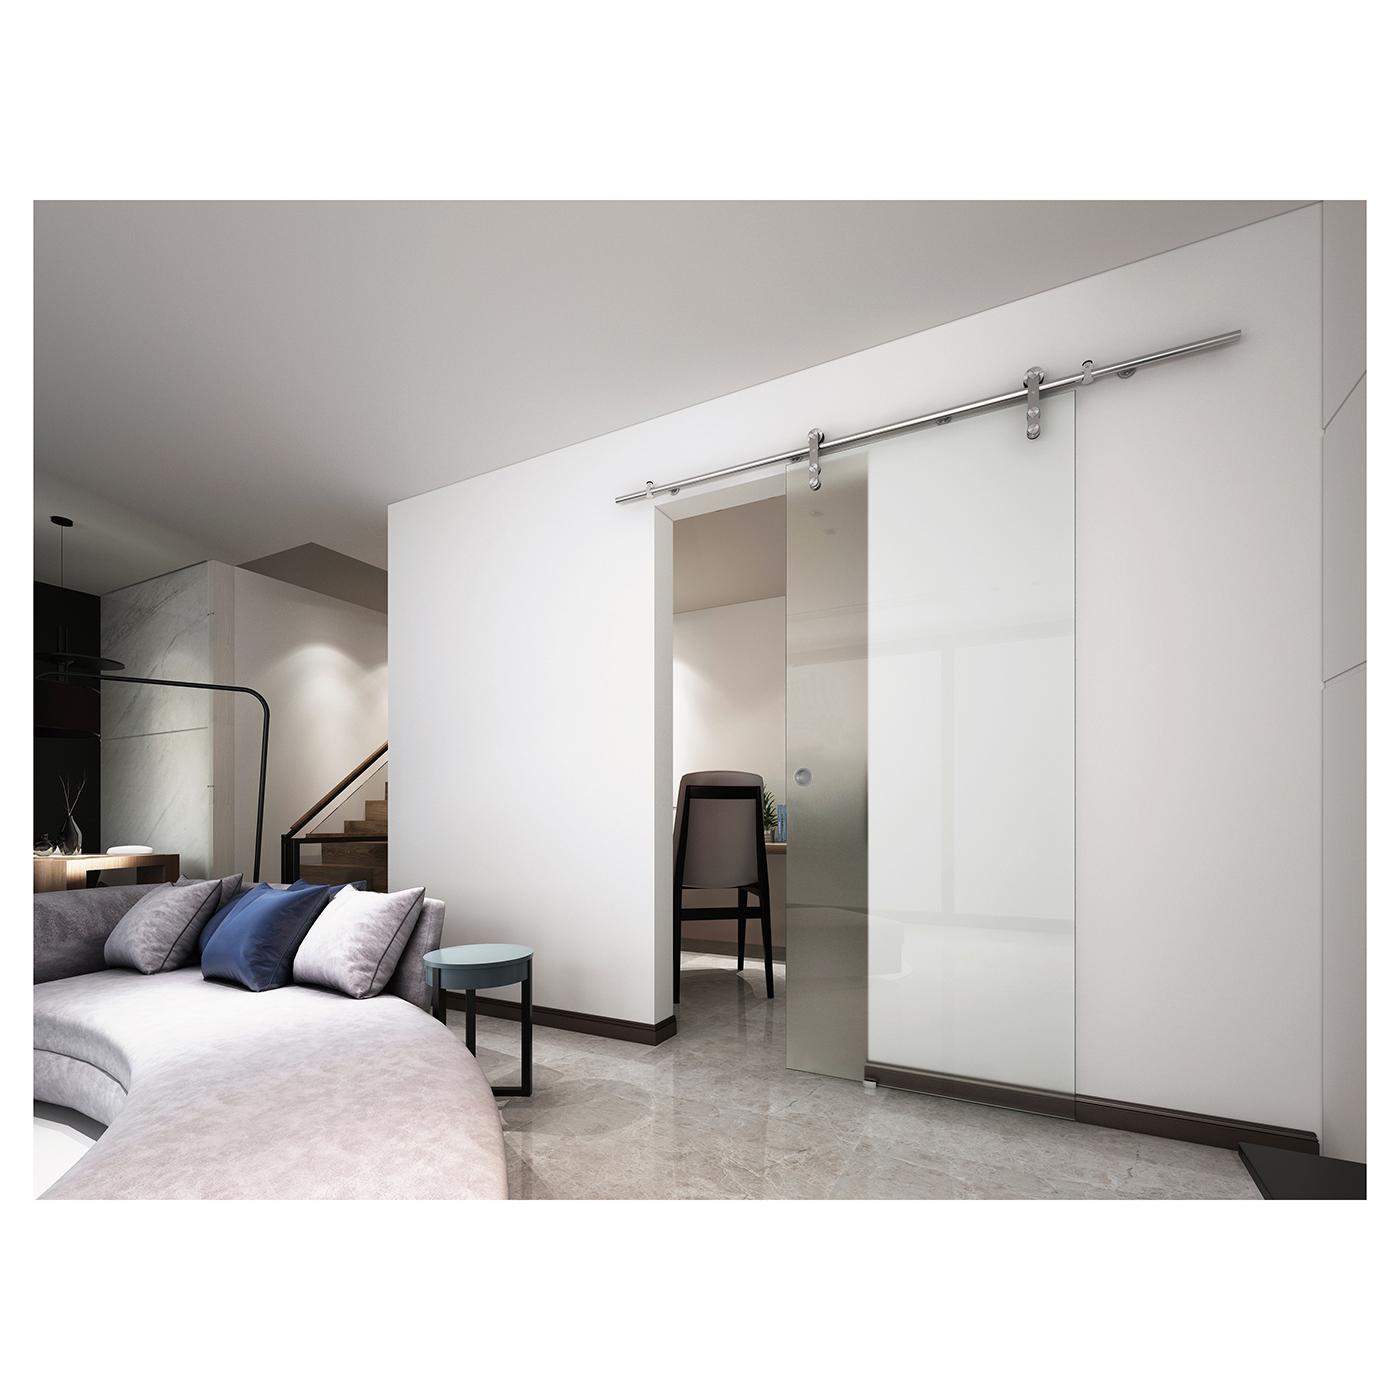 Vetroglide Glass Sliding Door Gear Only Ironmongerydirect